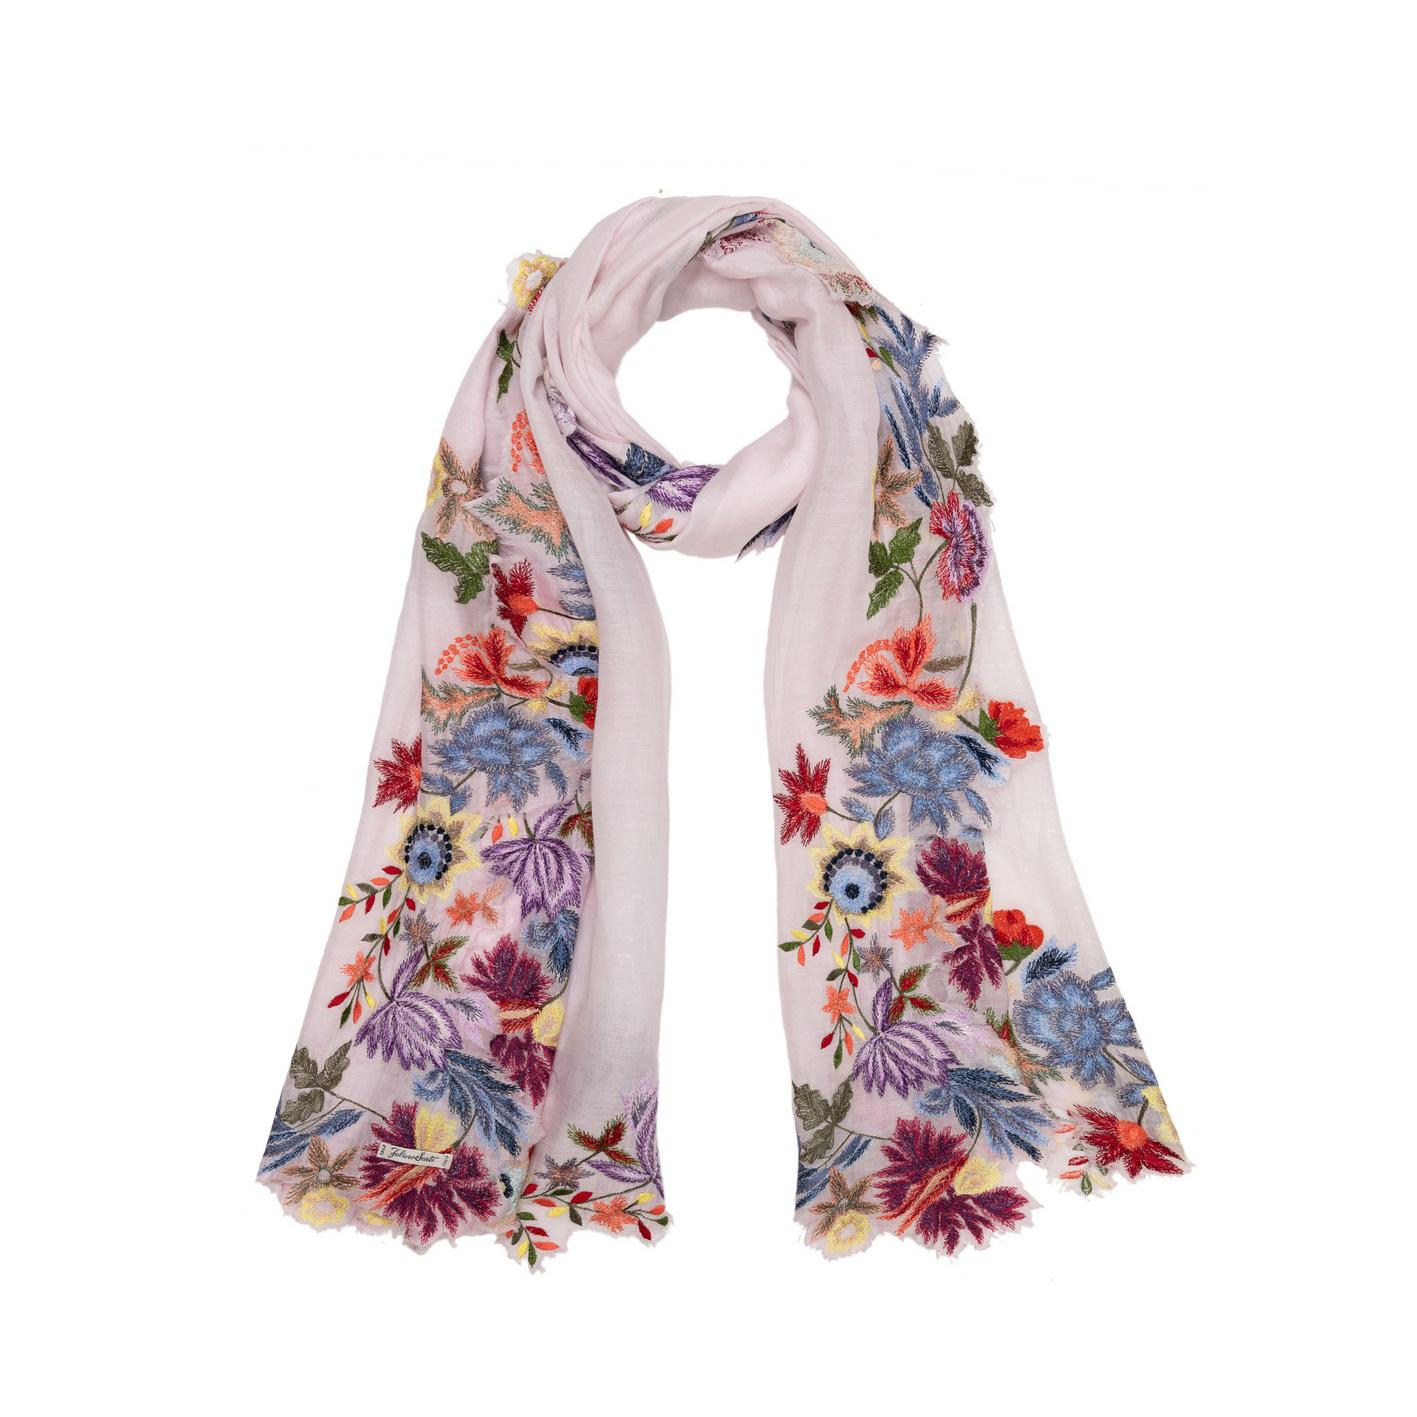 Tiara scarf light pink flowers